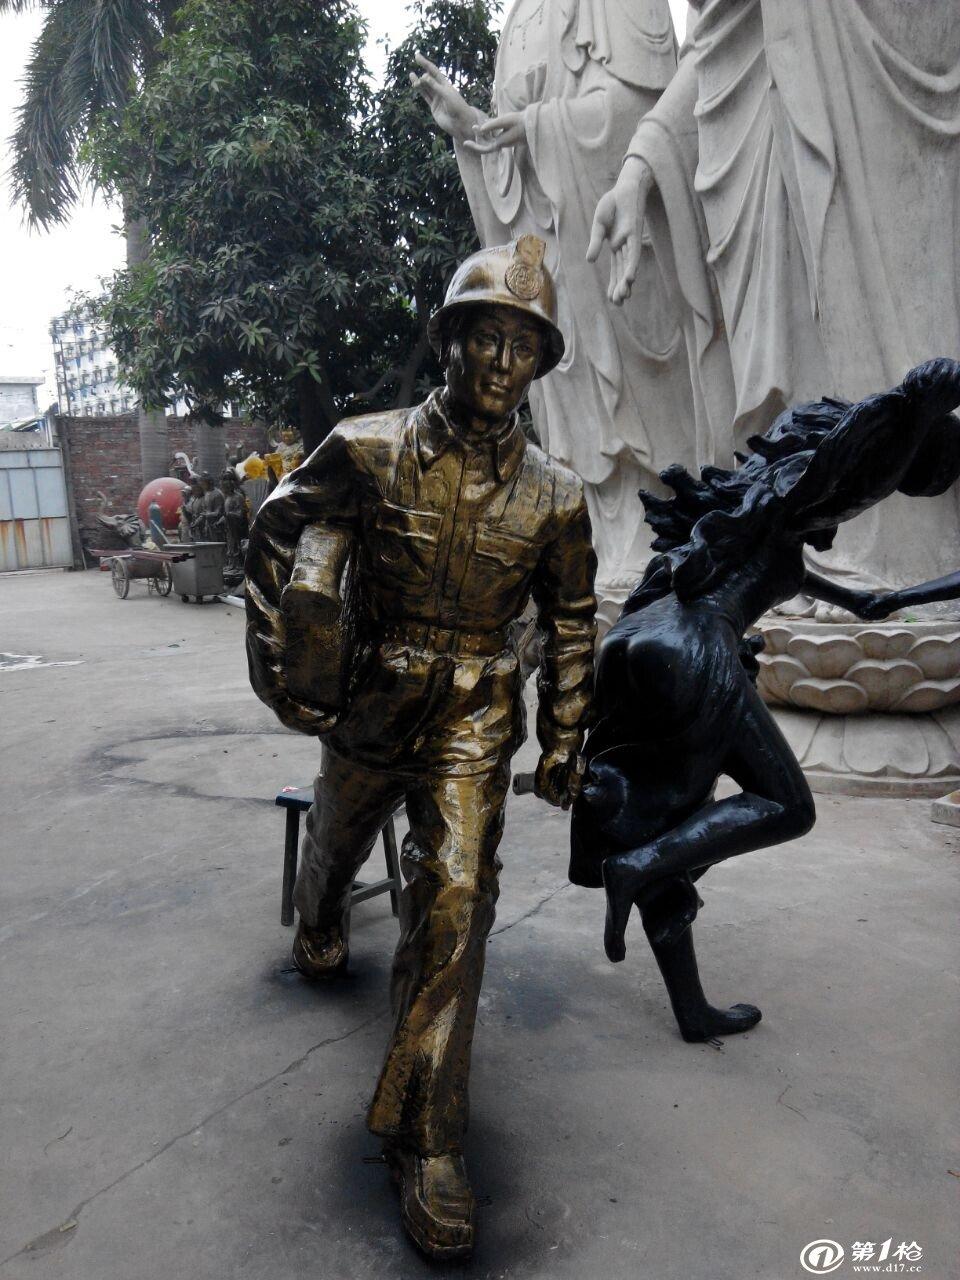 贵州雕塑 贵阳雕塑 贵州雕塑公司